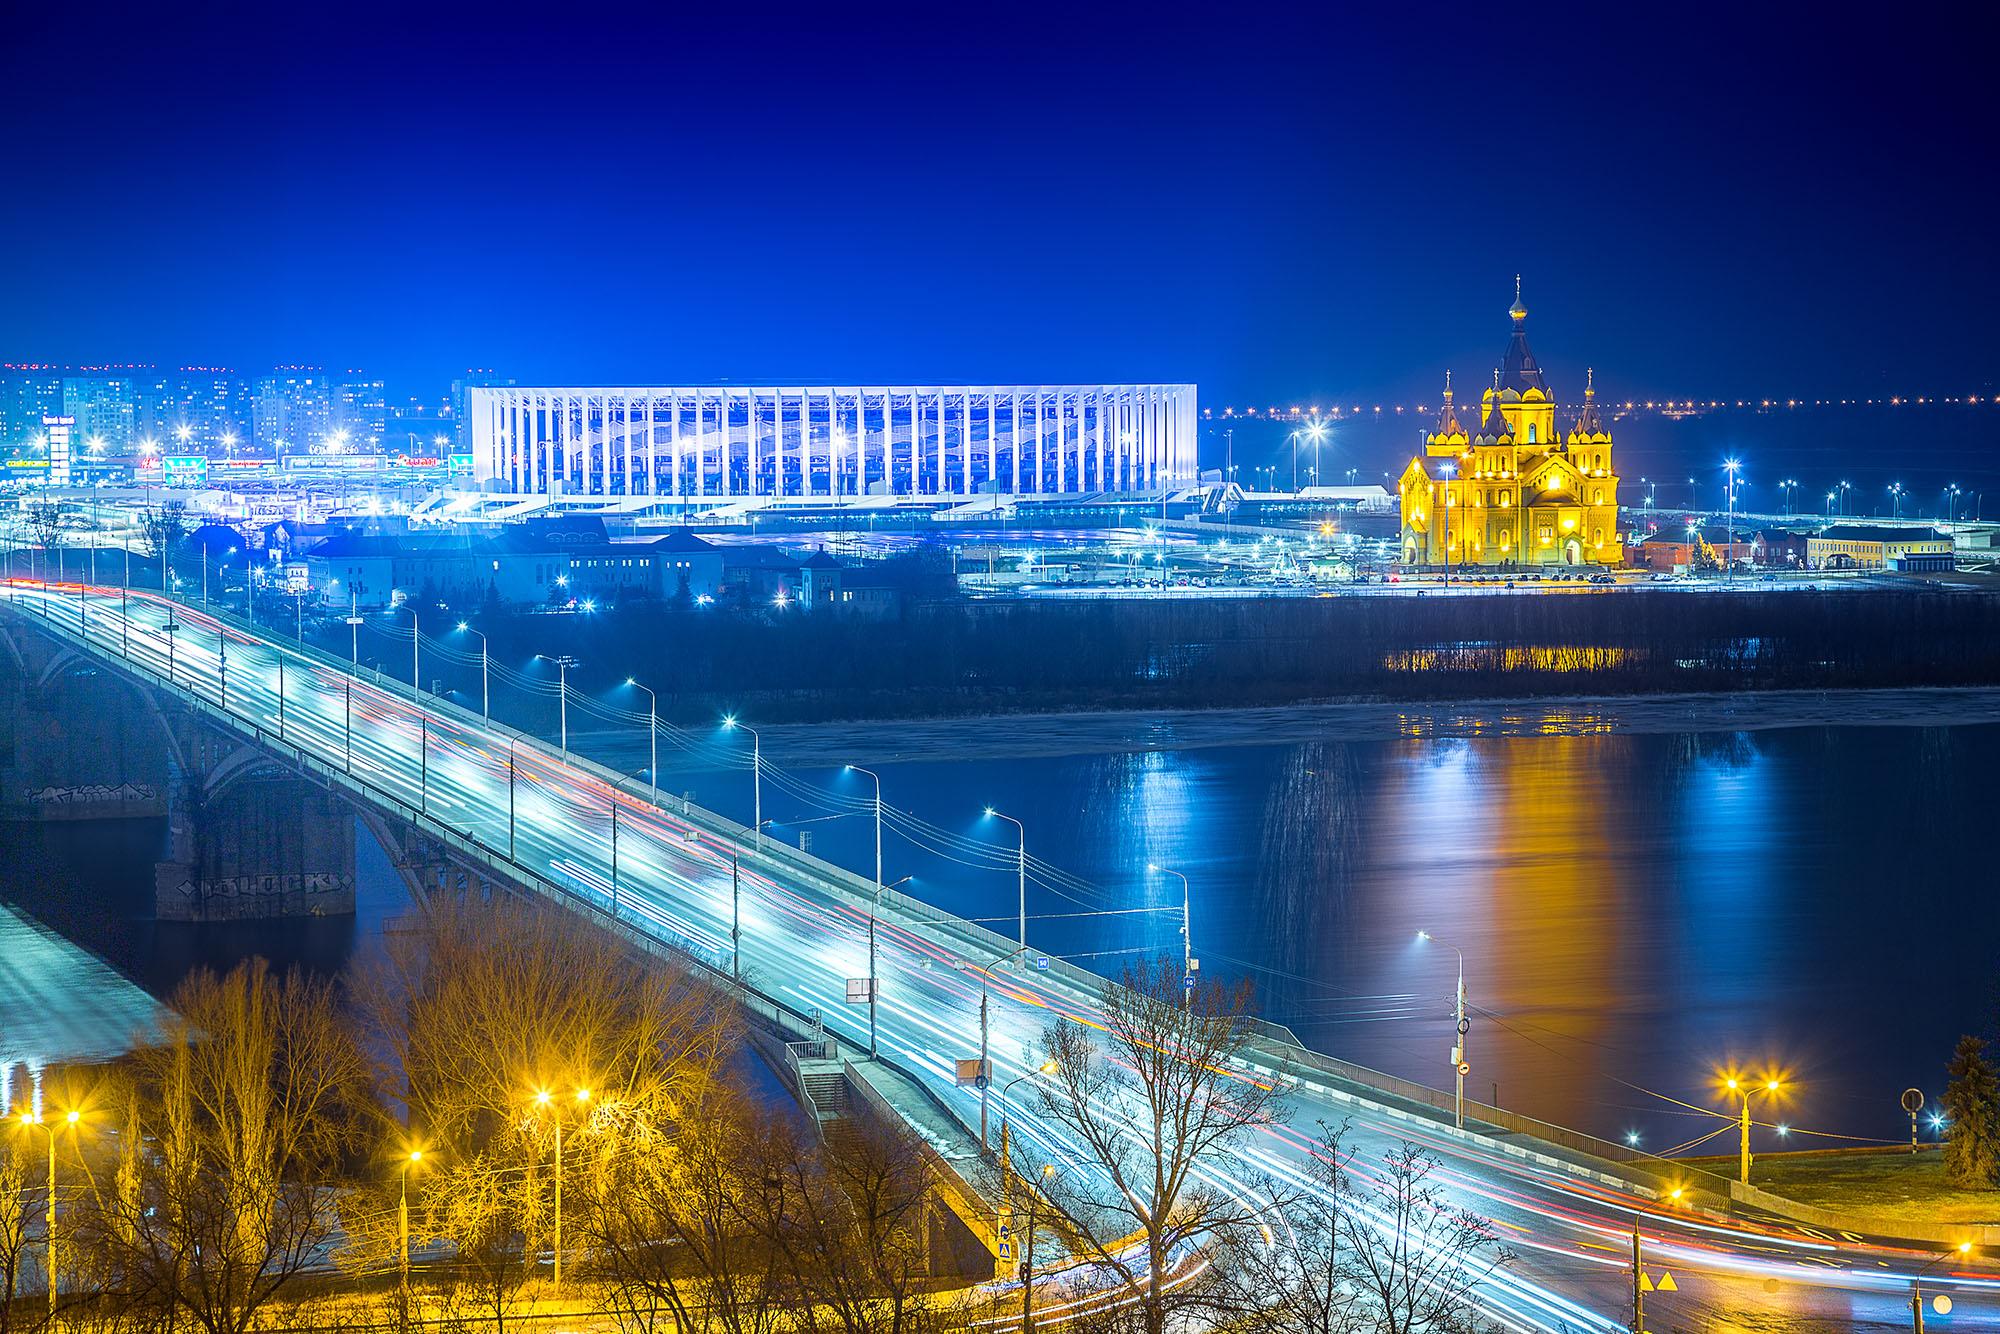 Нижегородская область присоединится к акции «Зажги синим» 2 апреля